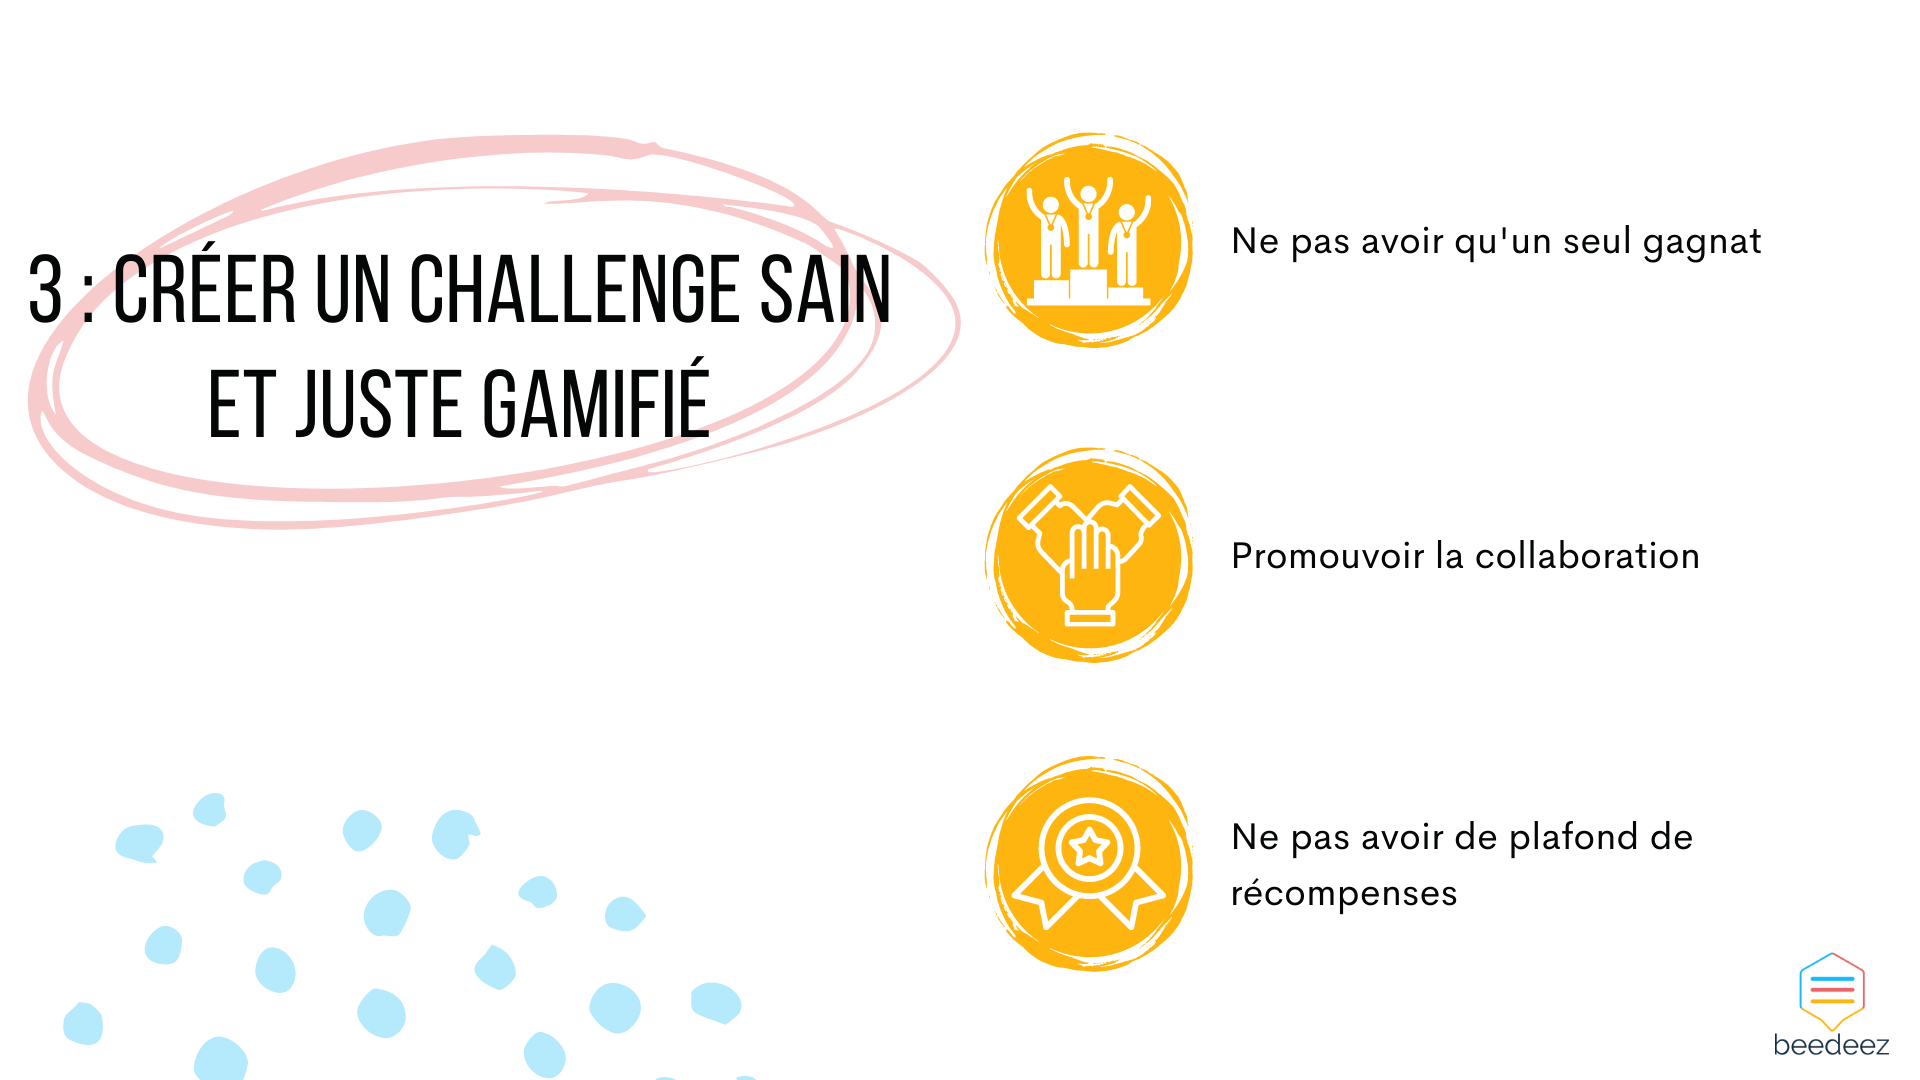 créer un challenge sain et juste gamifié